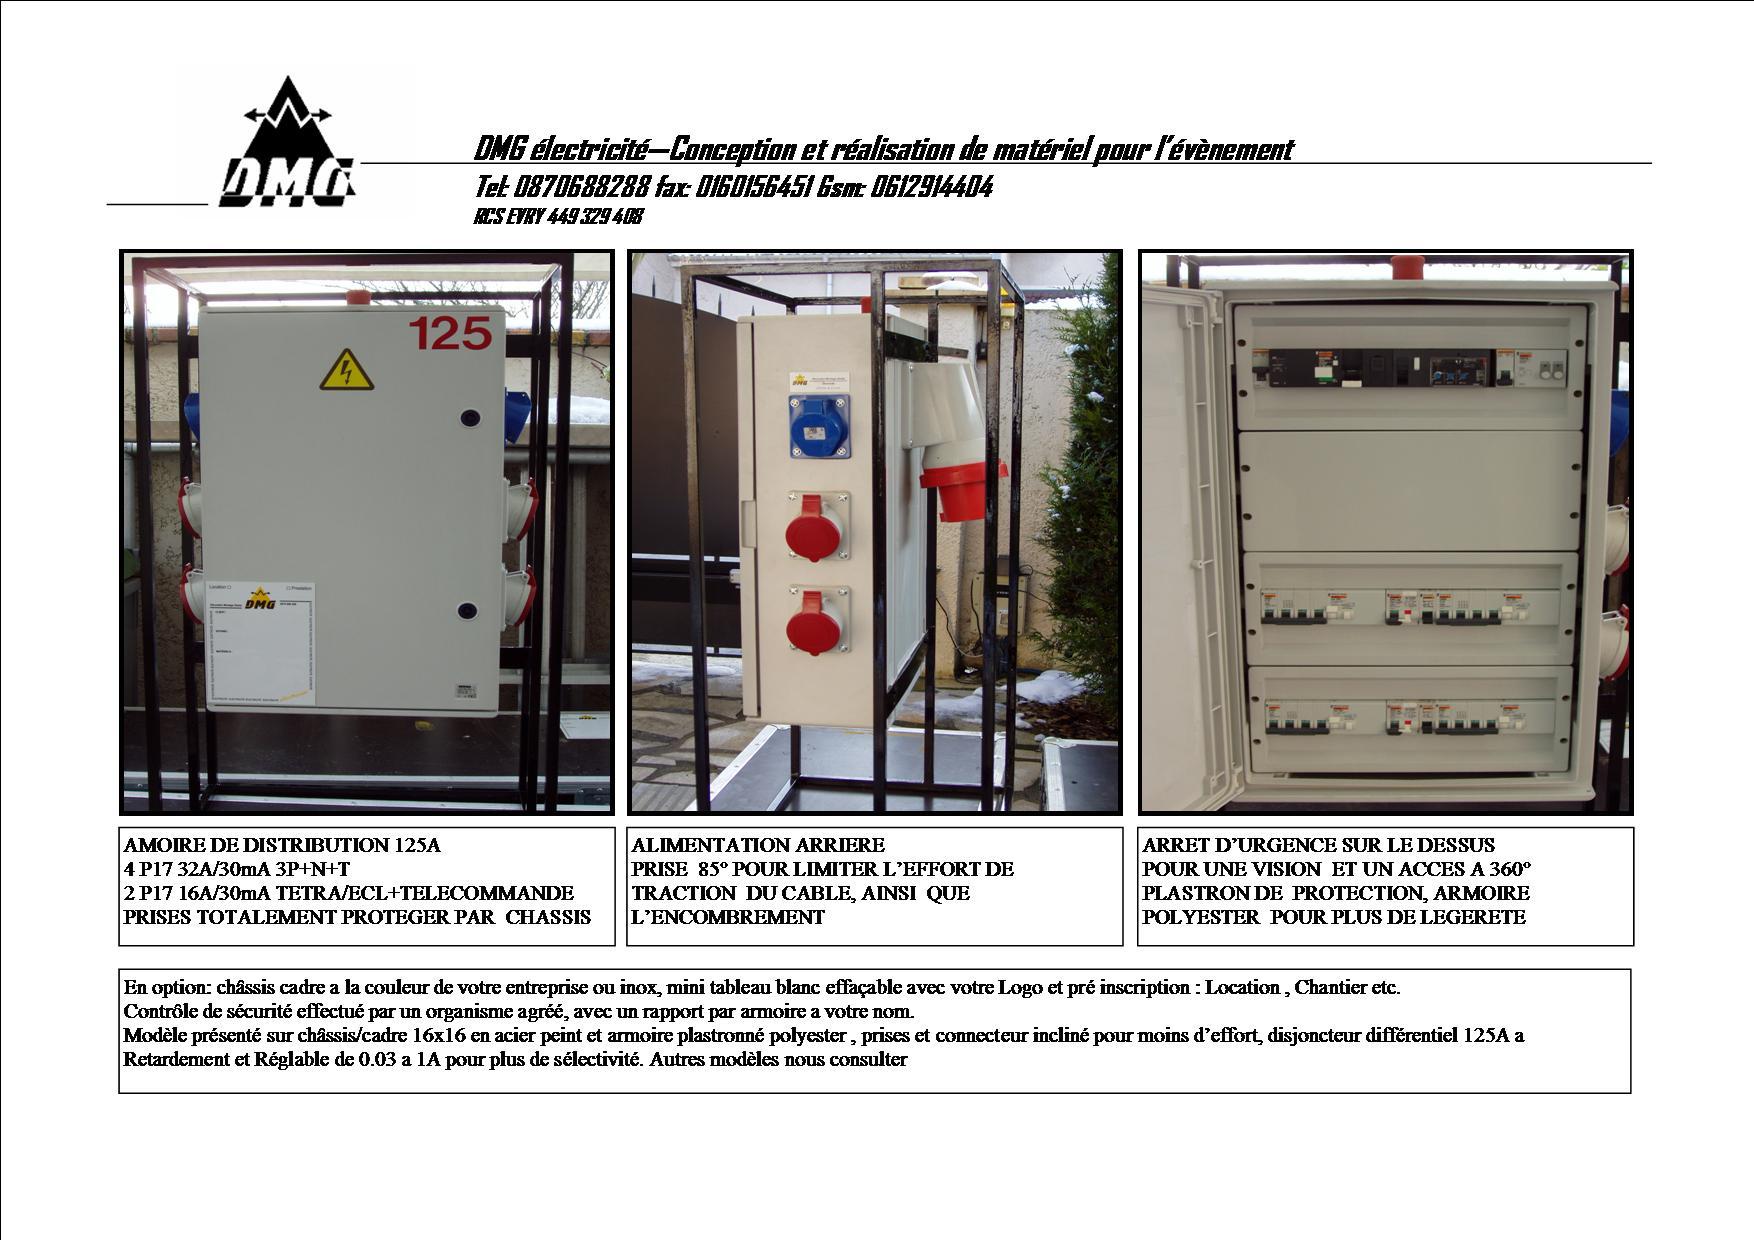 Armoires electriques de distribution les fournisseurs grossistes et fabricants sur hellopro - Armoire electrique occasion ...